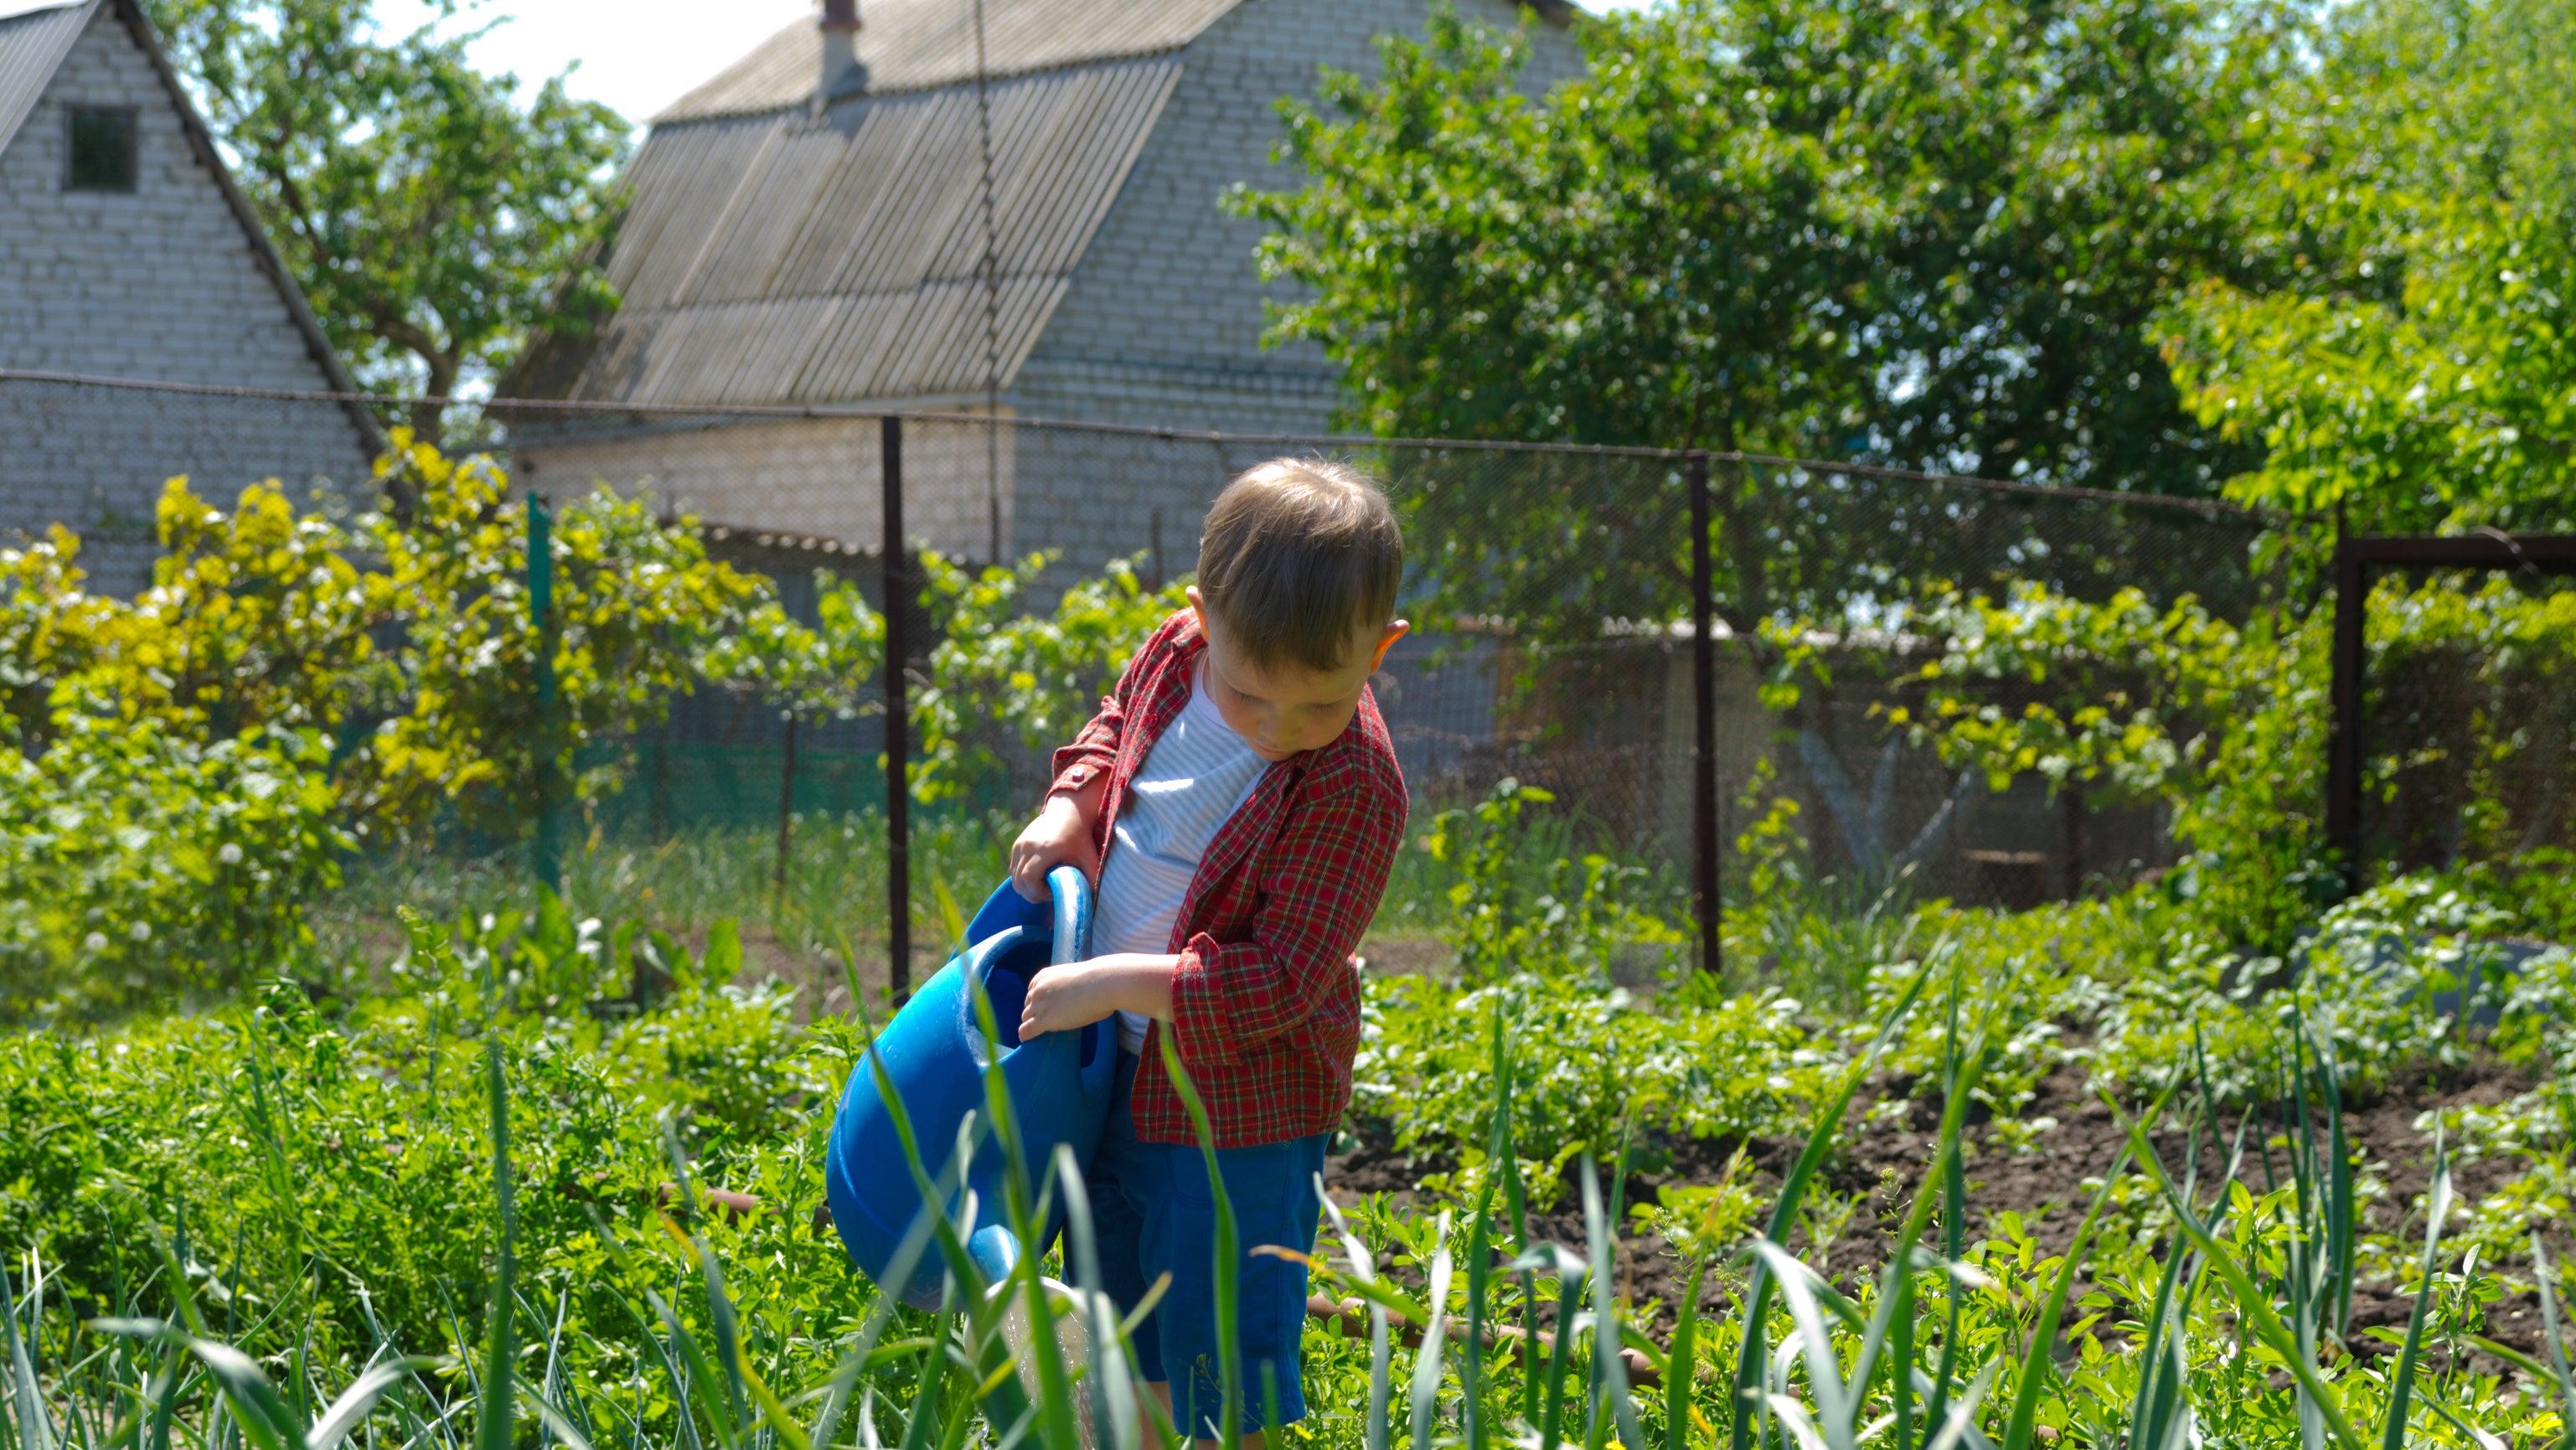 Bußgeld drohte: Welche Gartenarbeit Sie ab Montag erledigen dürfen